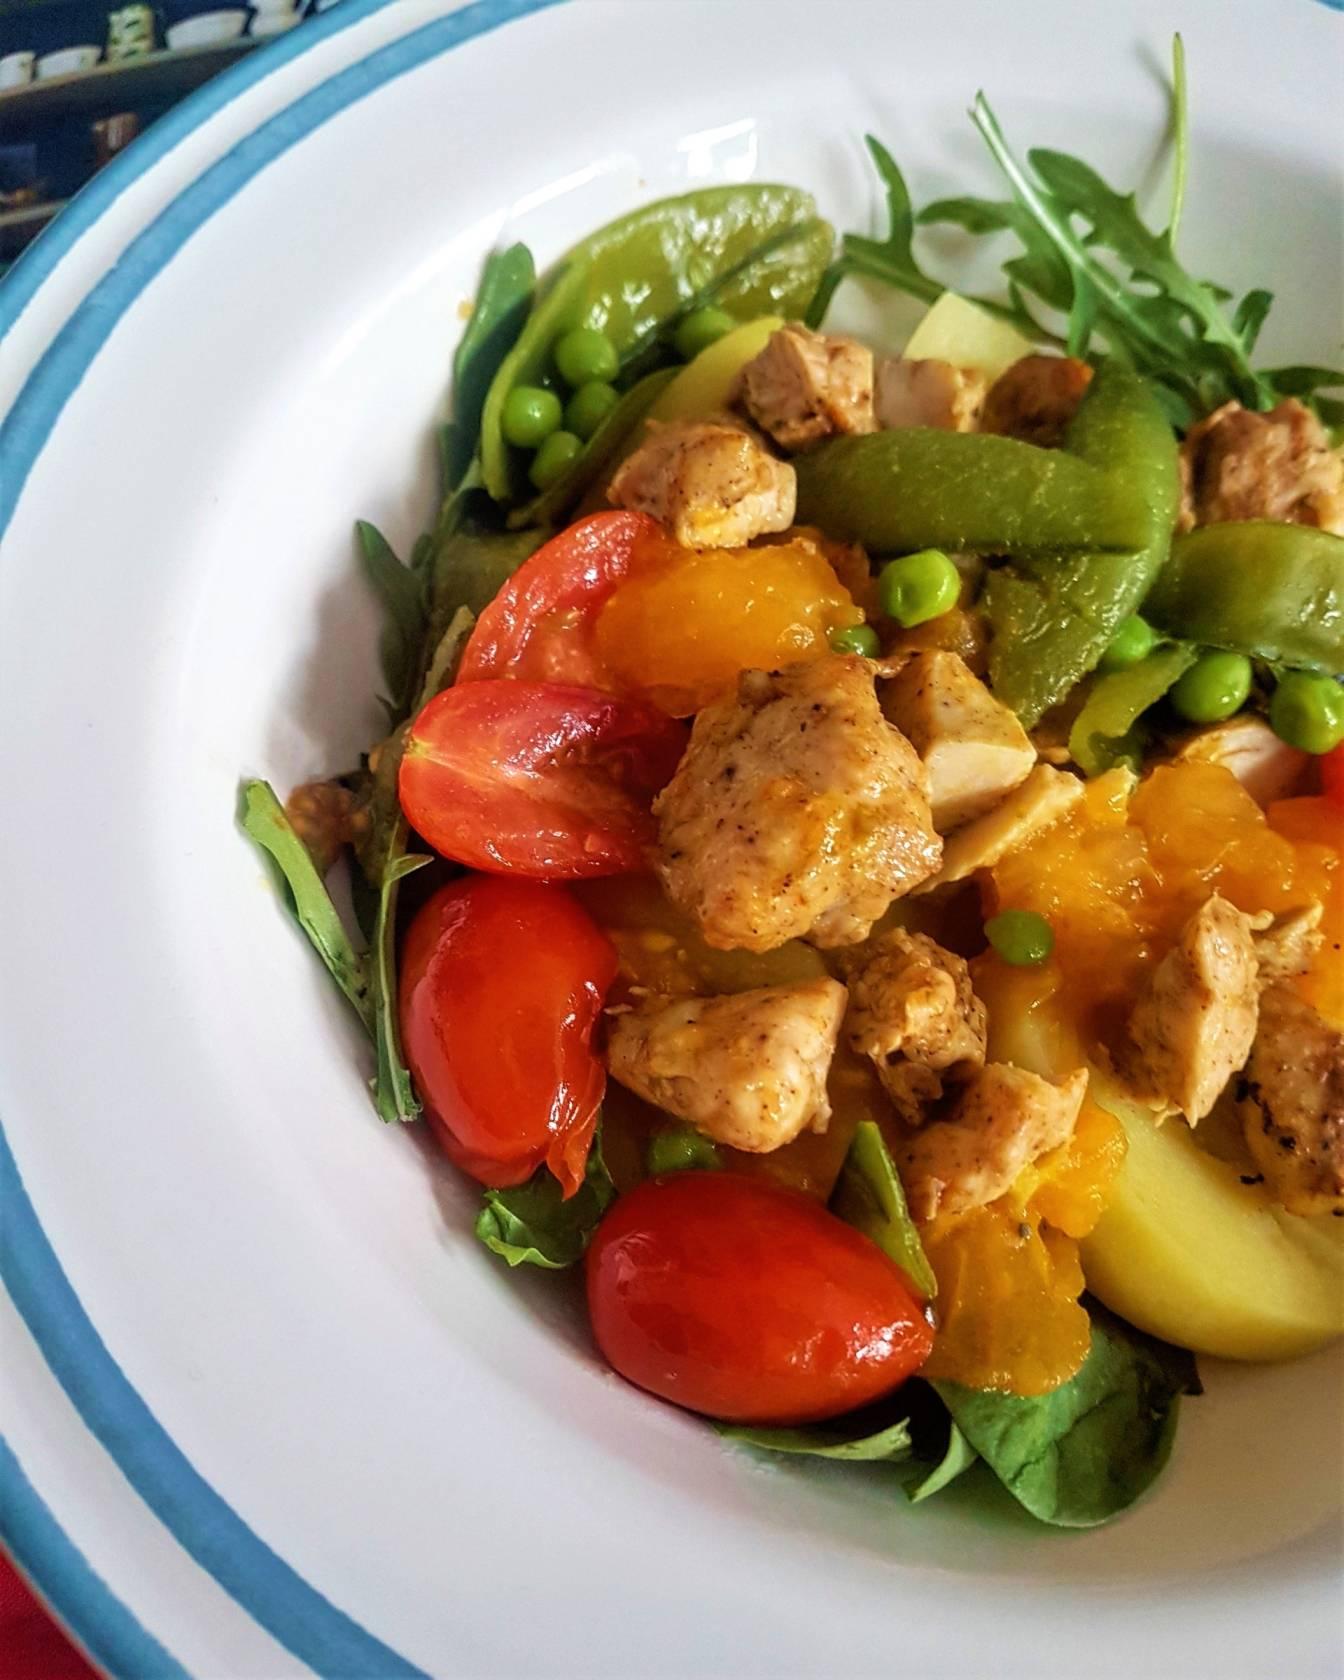 Przepis na potrawkę z groszku cukrowego, pomidorów i kurczaka.